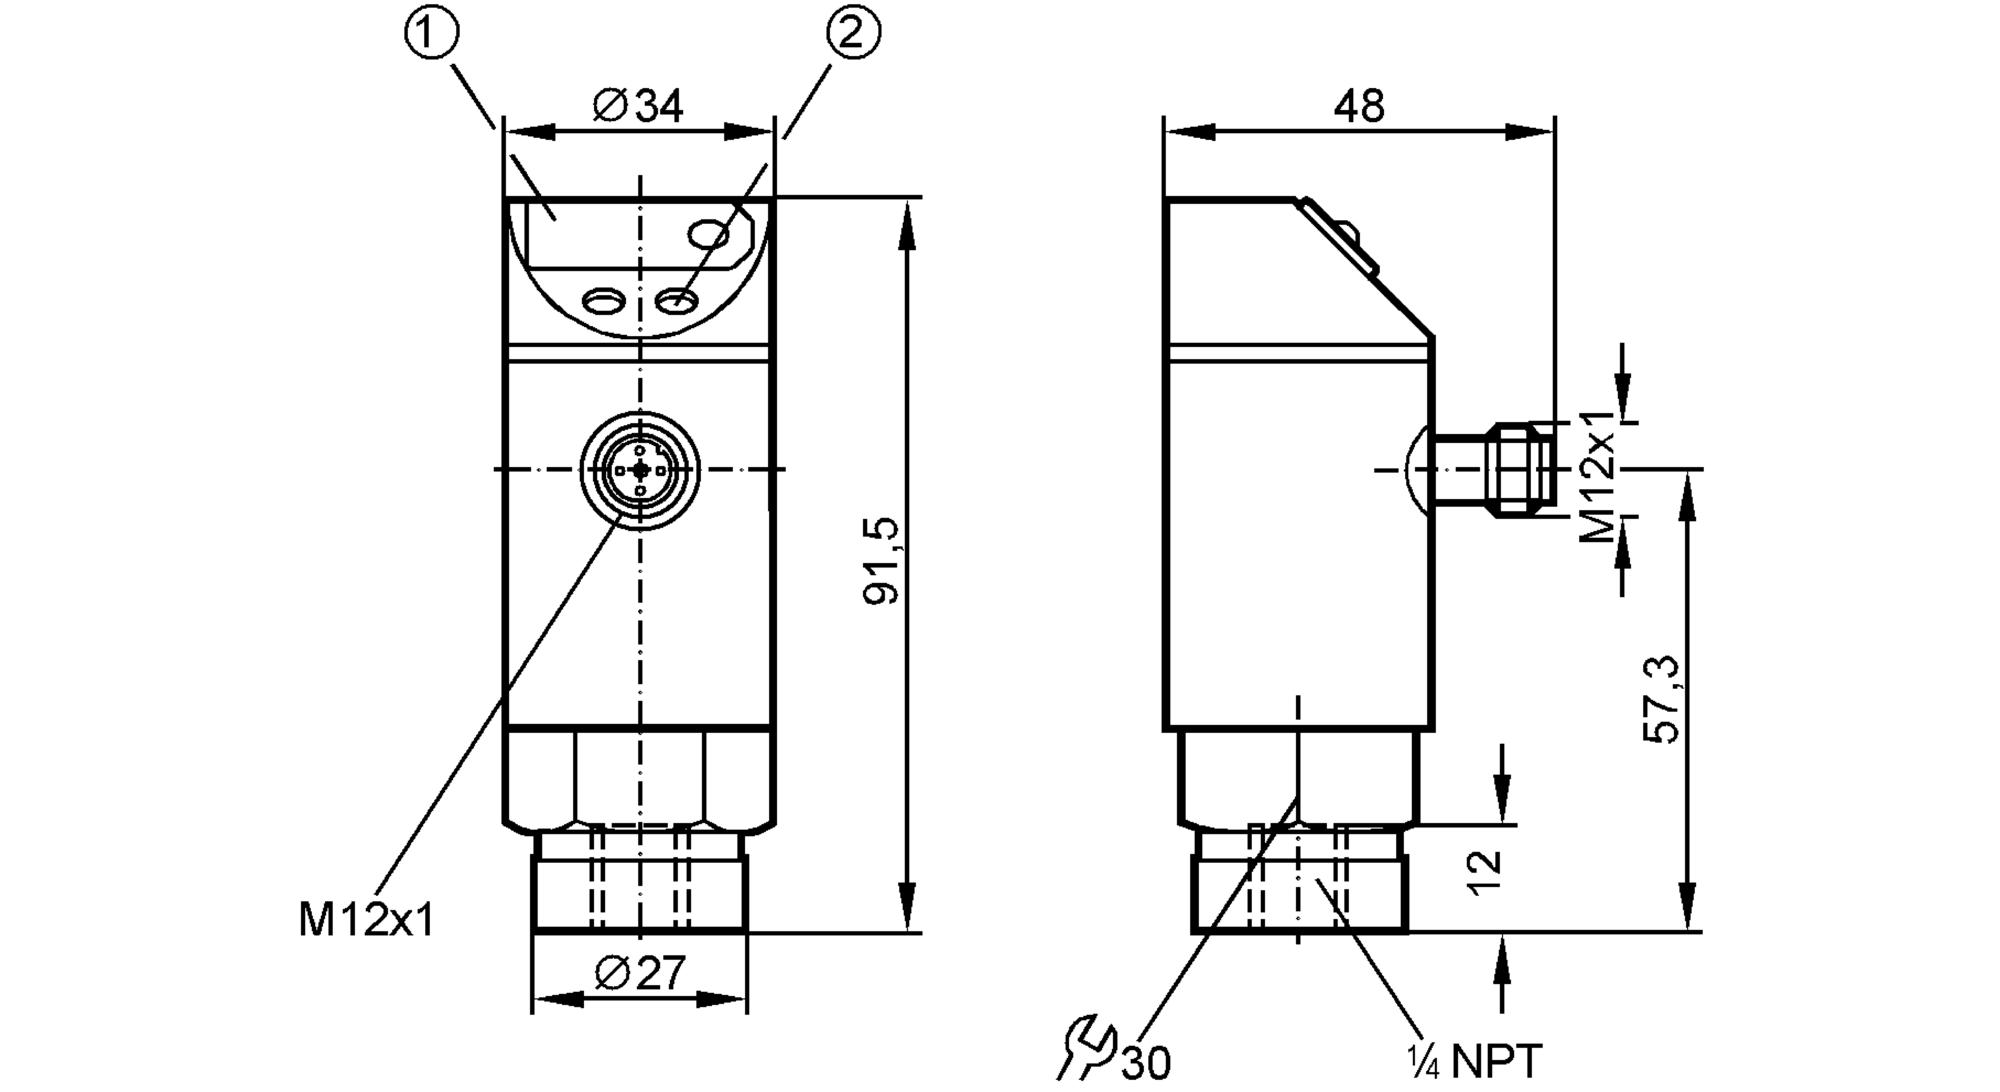 pn7220 - pressure sensor with display